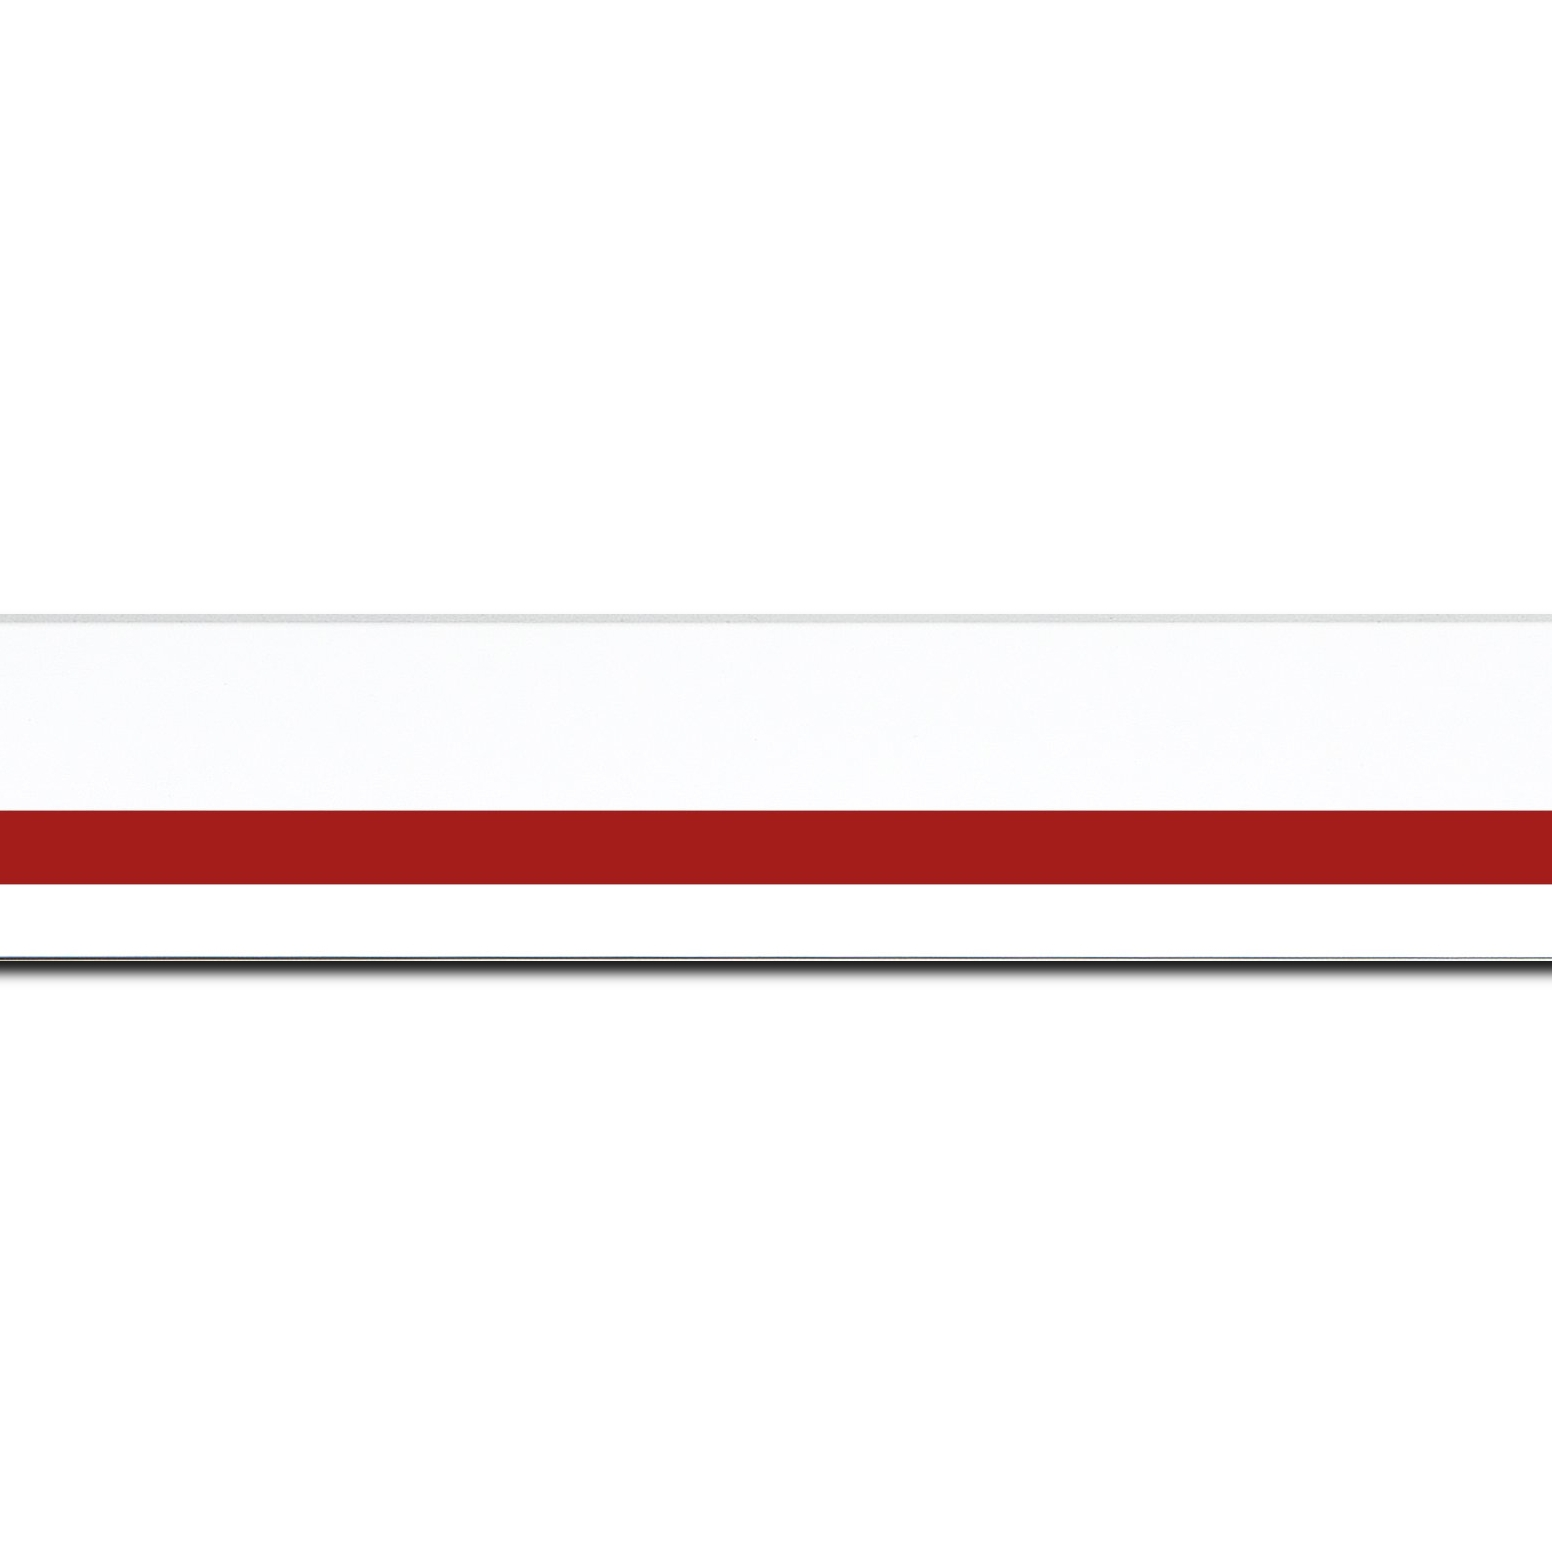 Baguette longueur 1.40m bois profil pente largeur 4.5cm de couleur blanc mat filet rouge